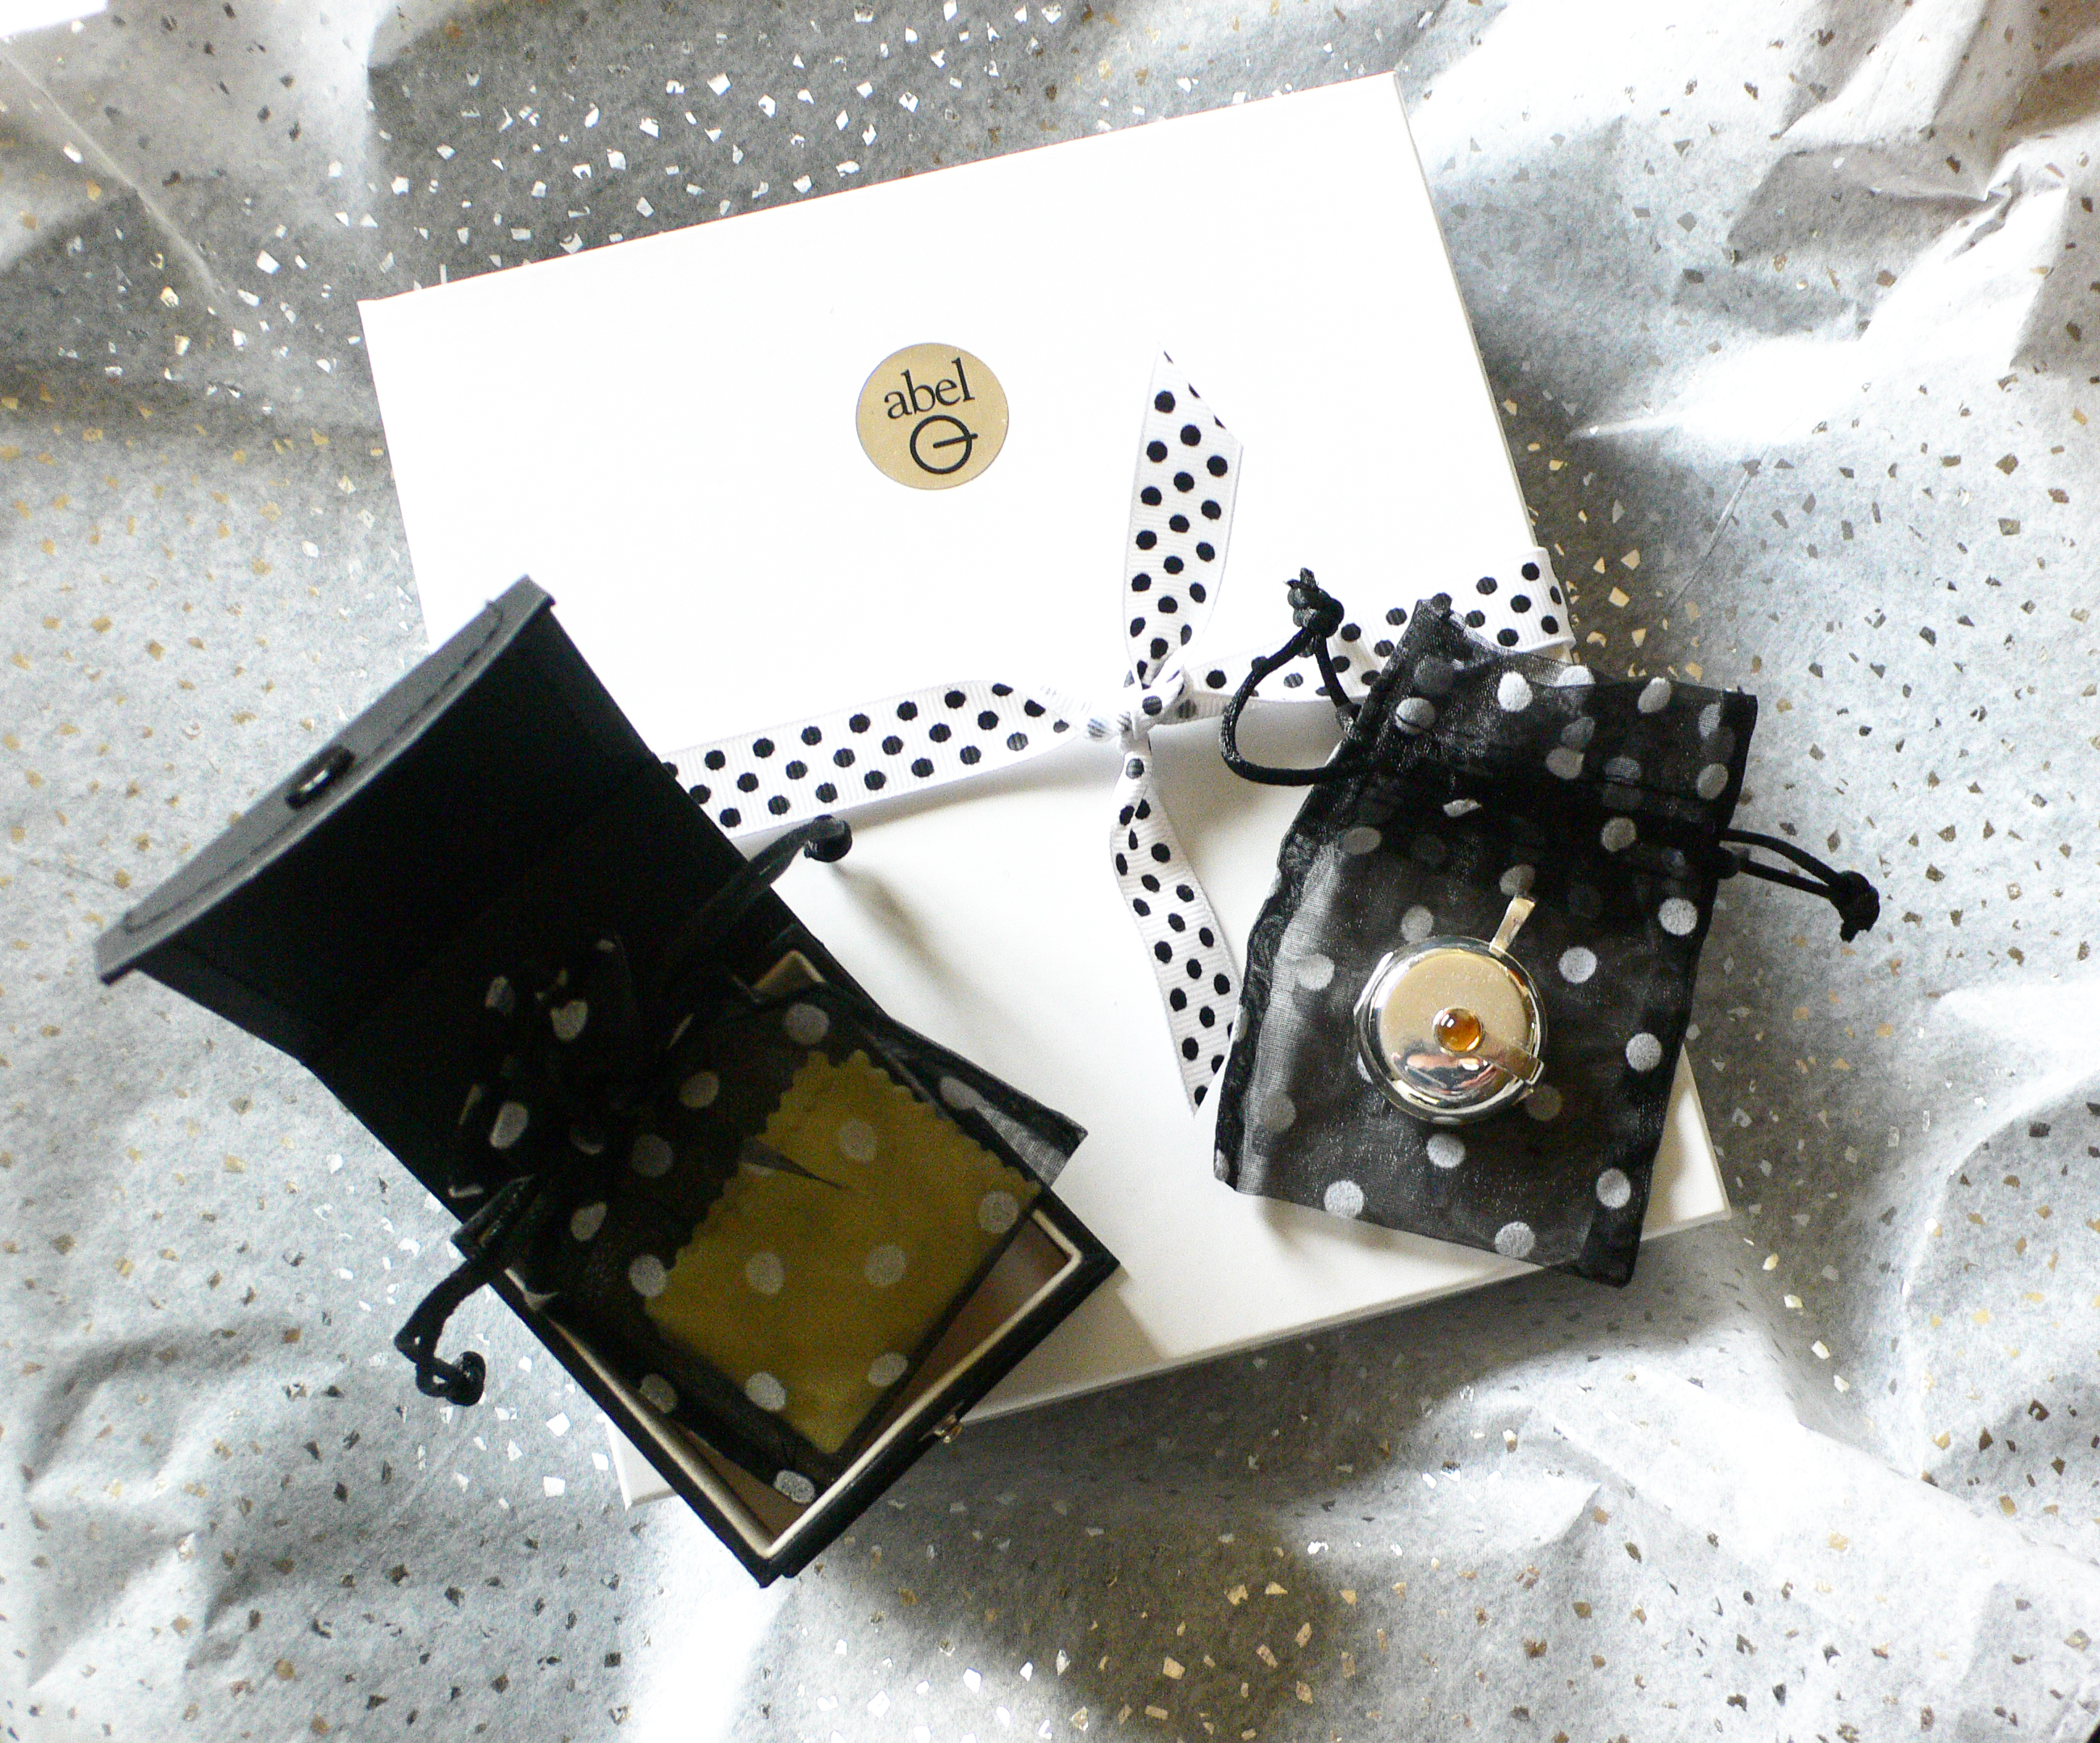 AL packaging III